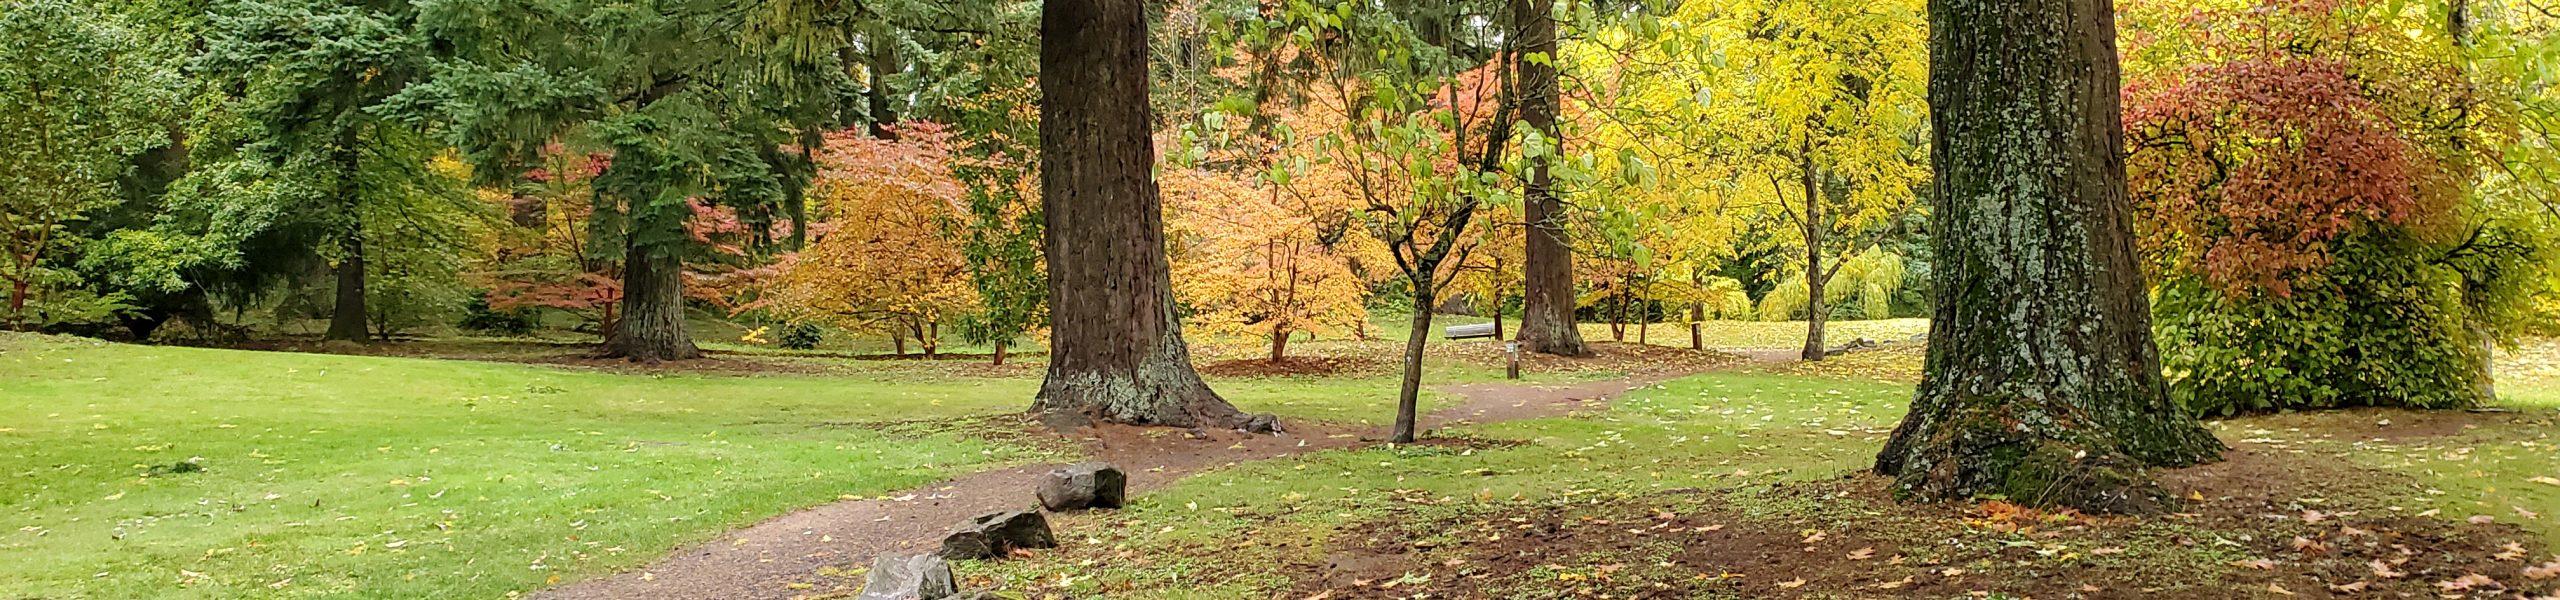 About the Arboretum